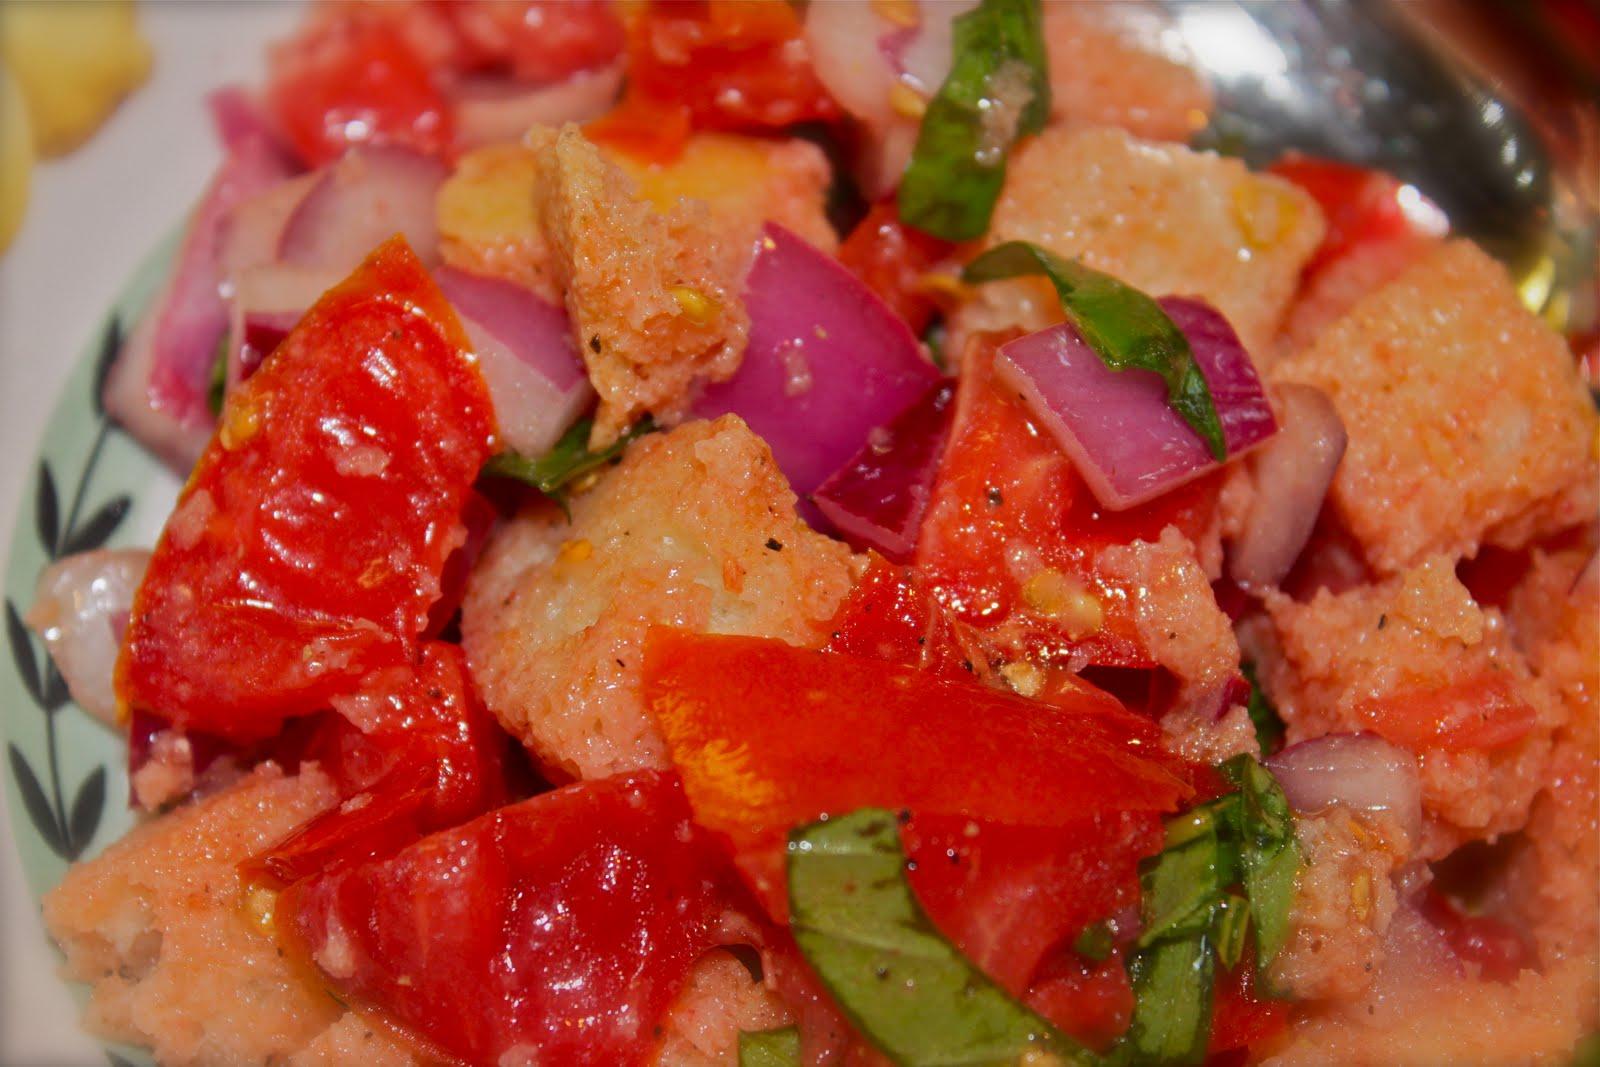 Panzanella / Italian Tomato, Bread & Basil Salad